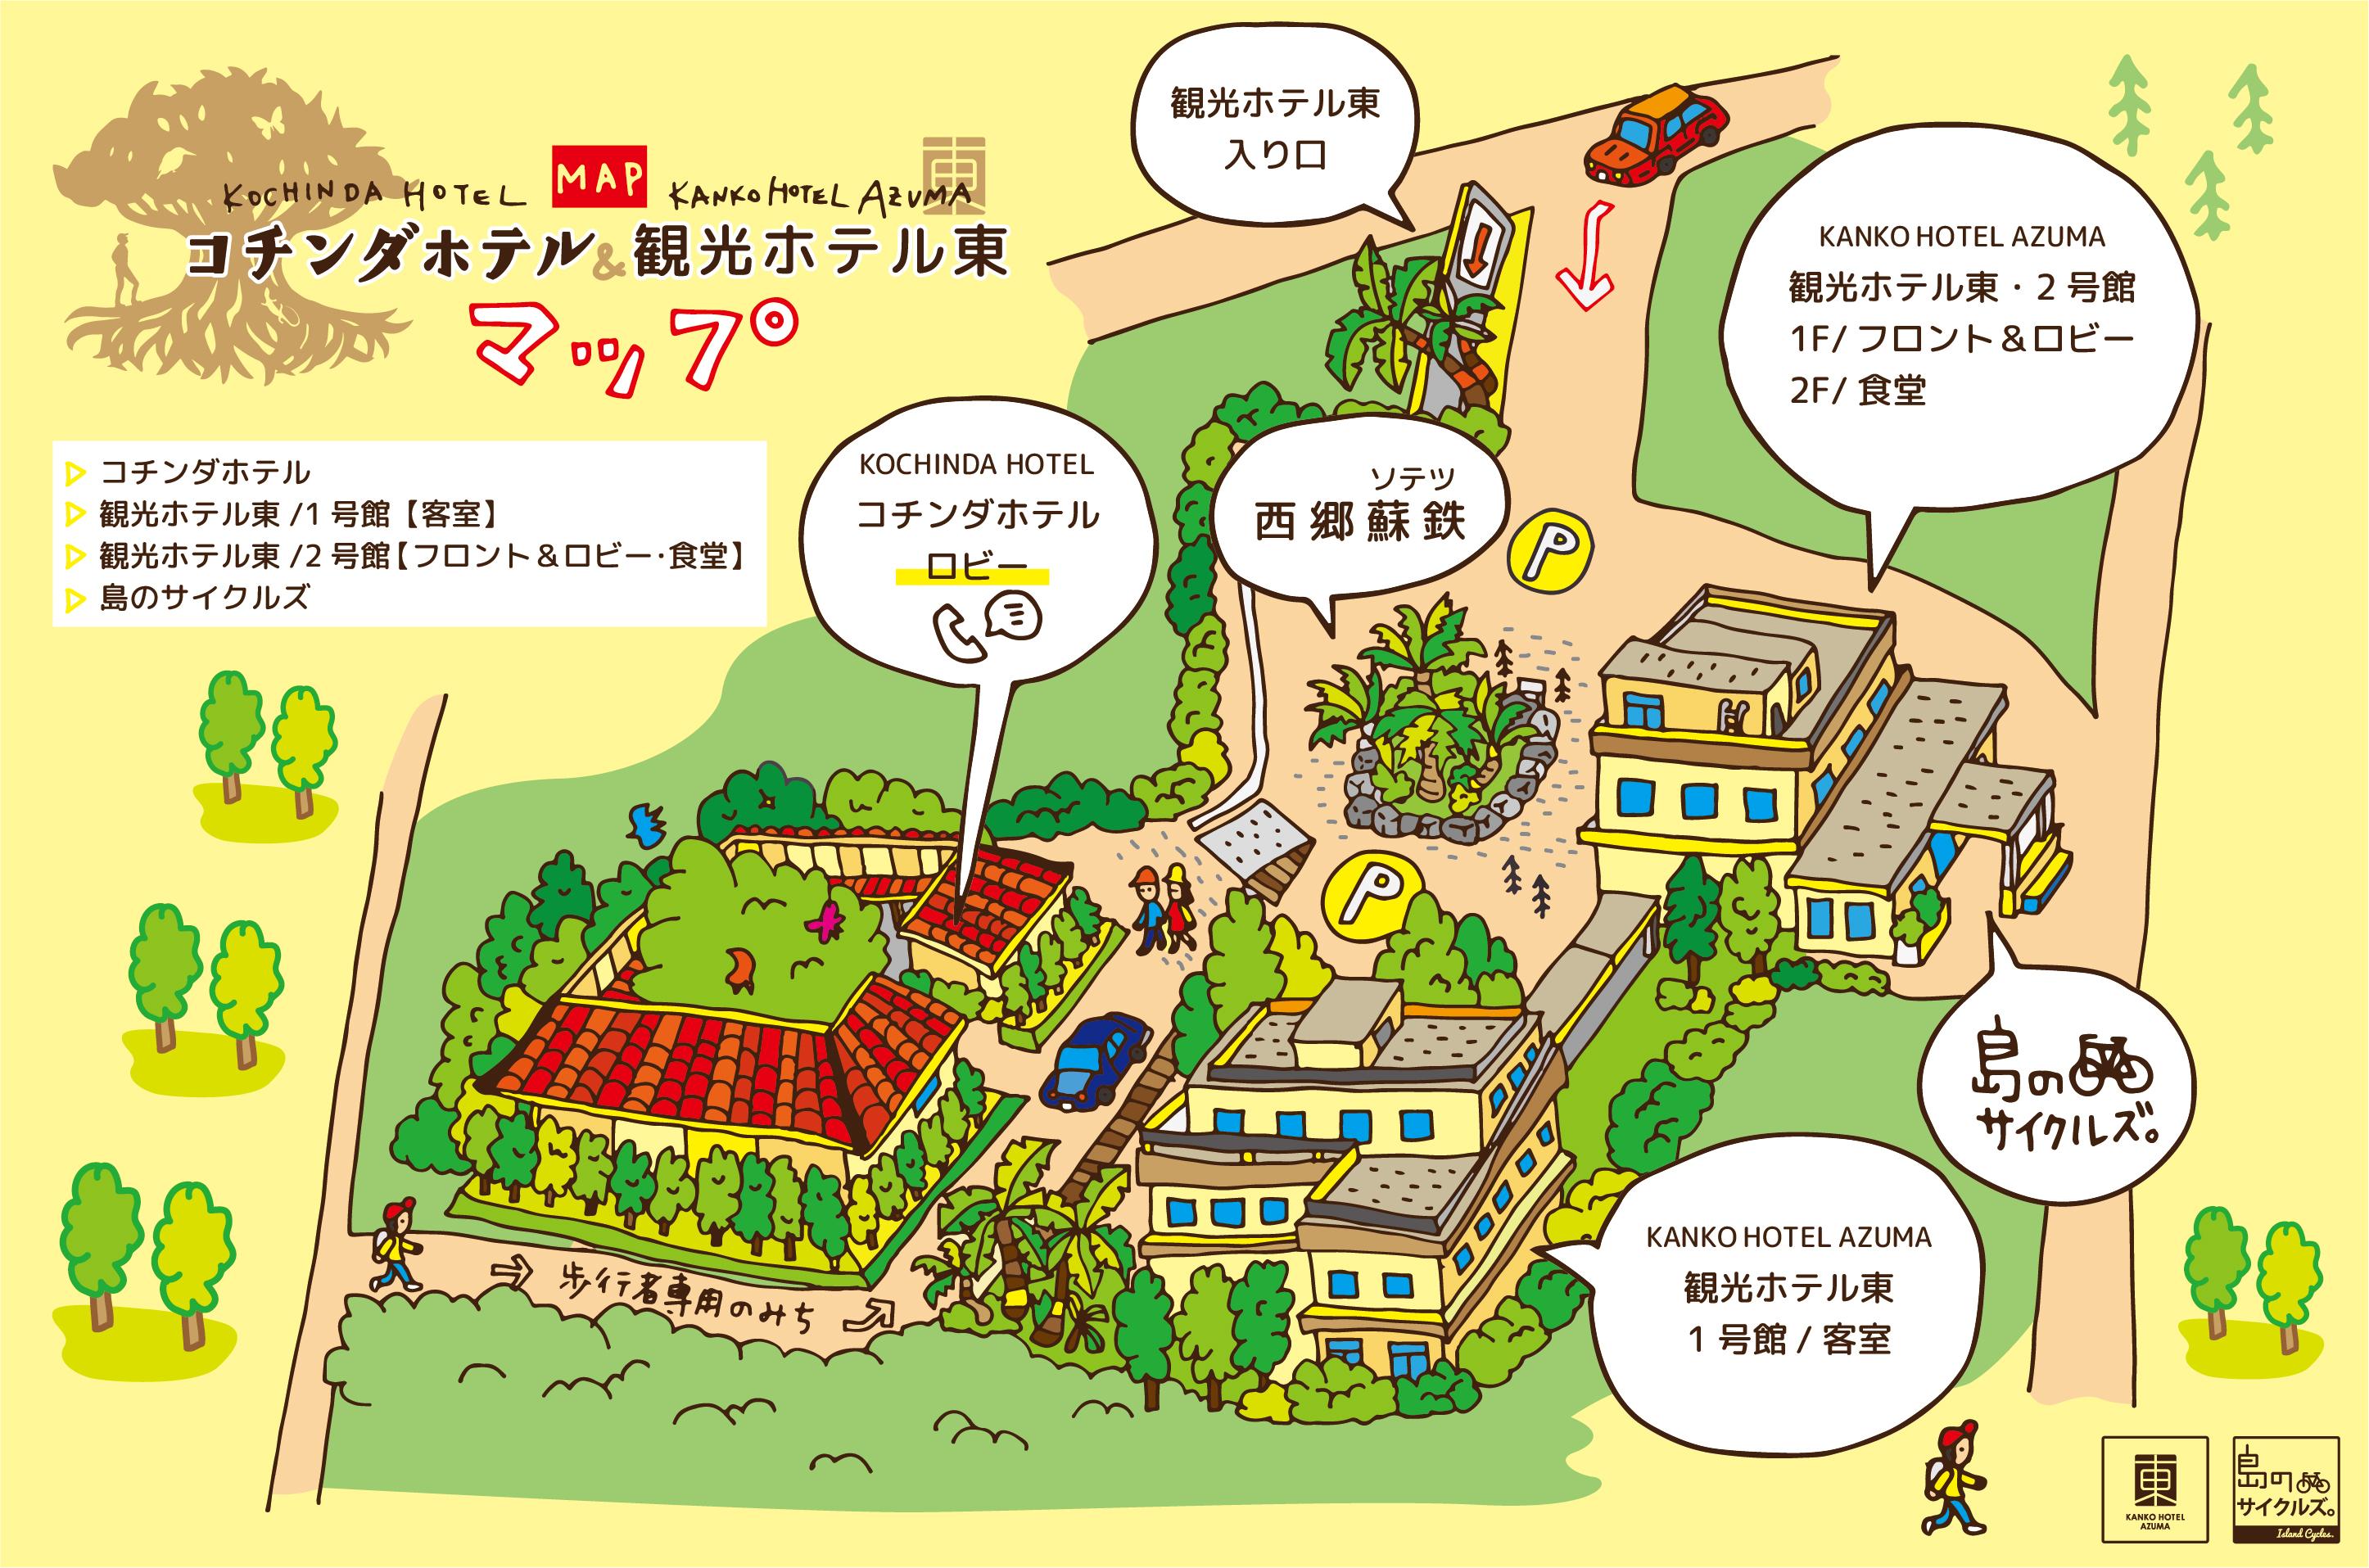 コチンダホテル&観光ホテル東/敷地内マップ